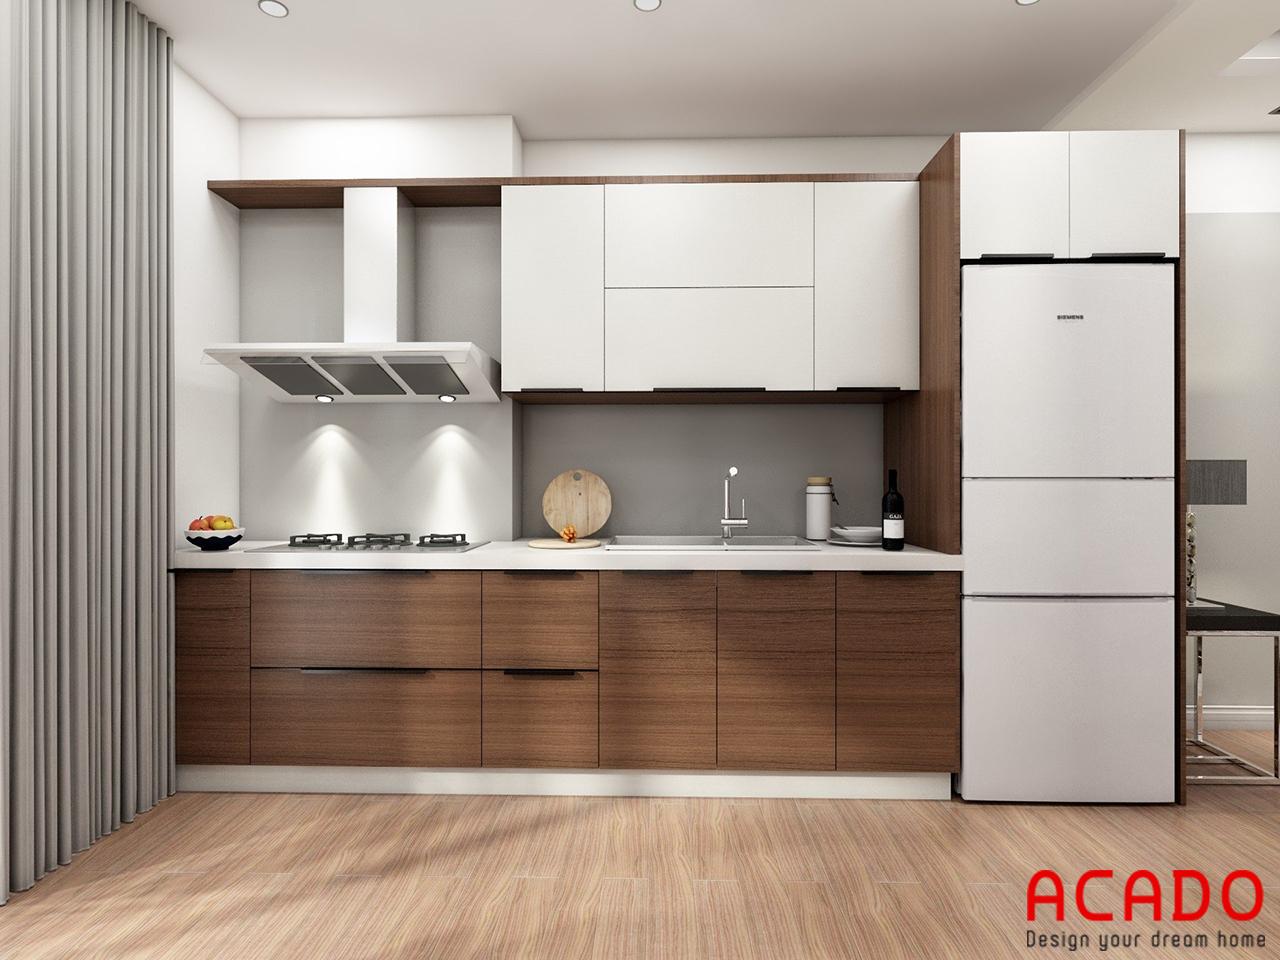 Tủ bếp kết hợp giữa màu trắng và màu vân gỗ tạo điểm nhấn cho không gian bếp